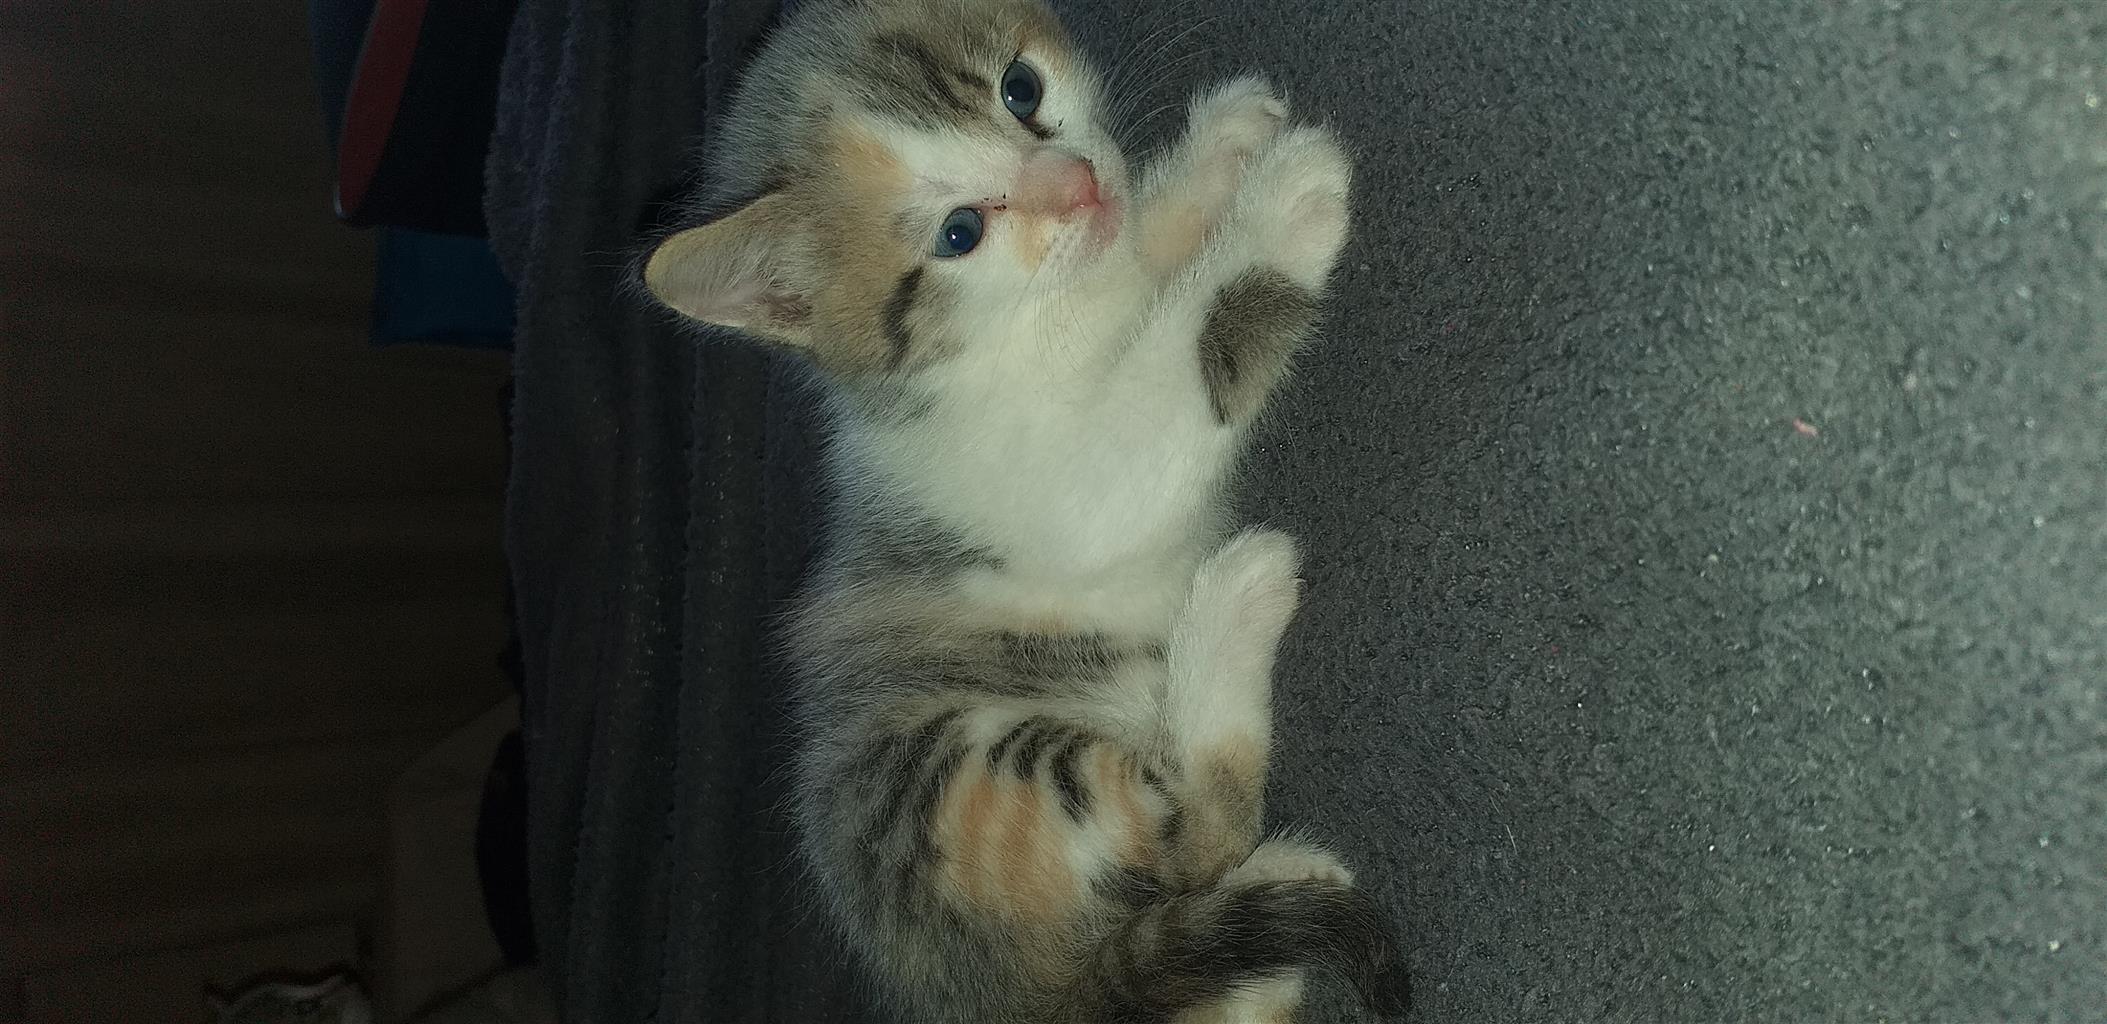 Loving Adorable Kittens